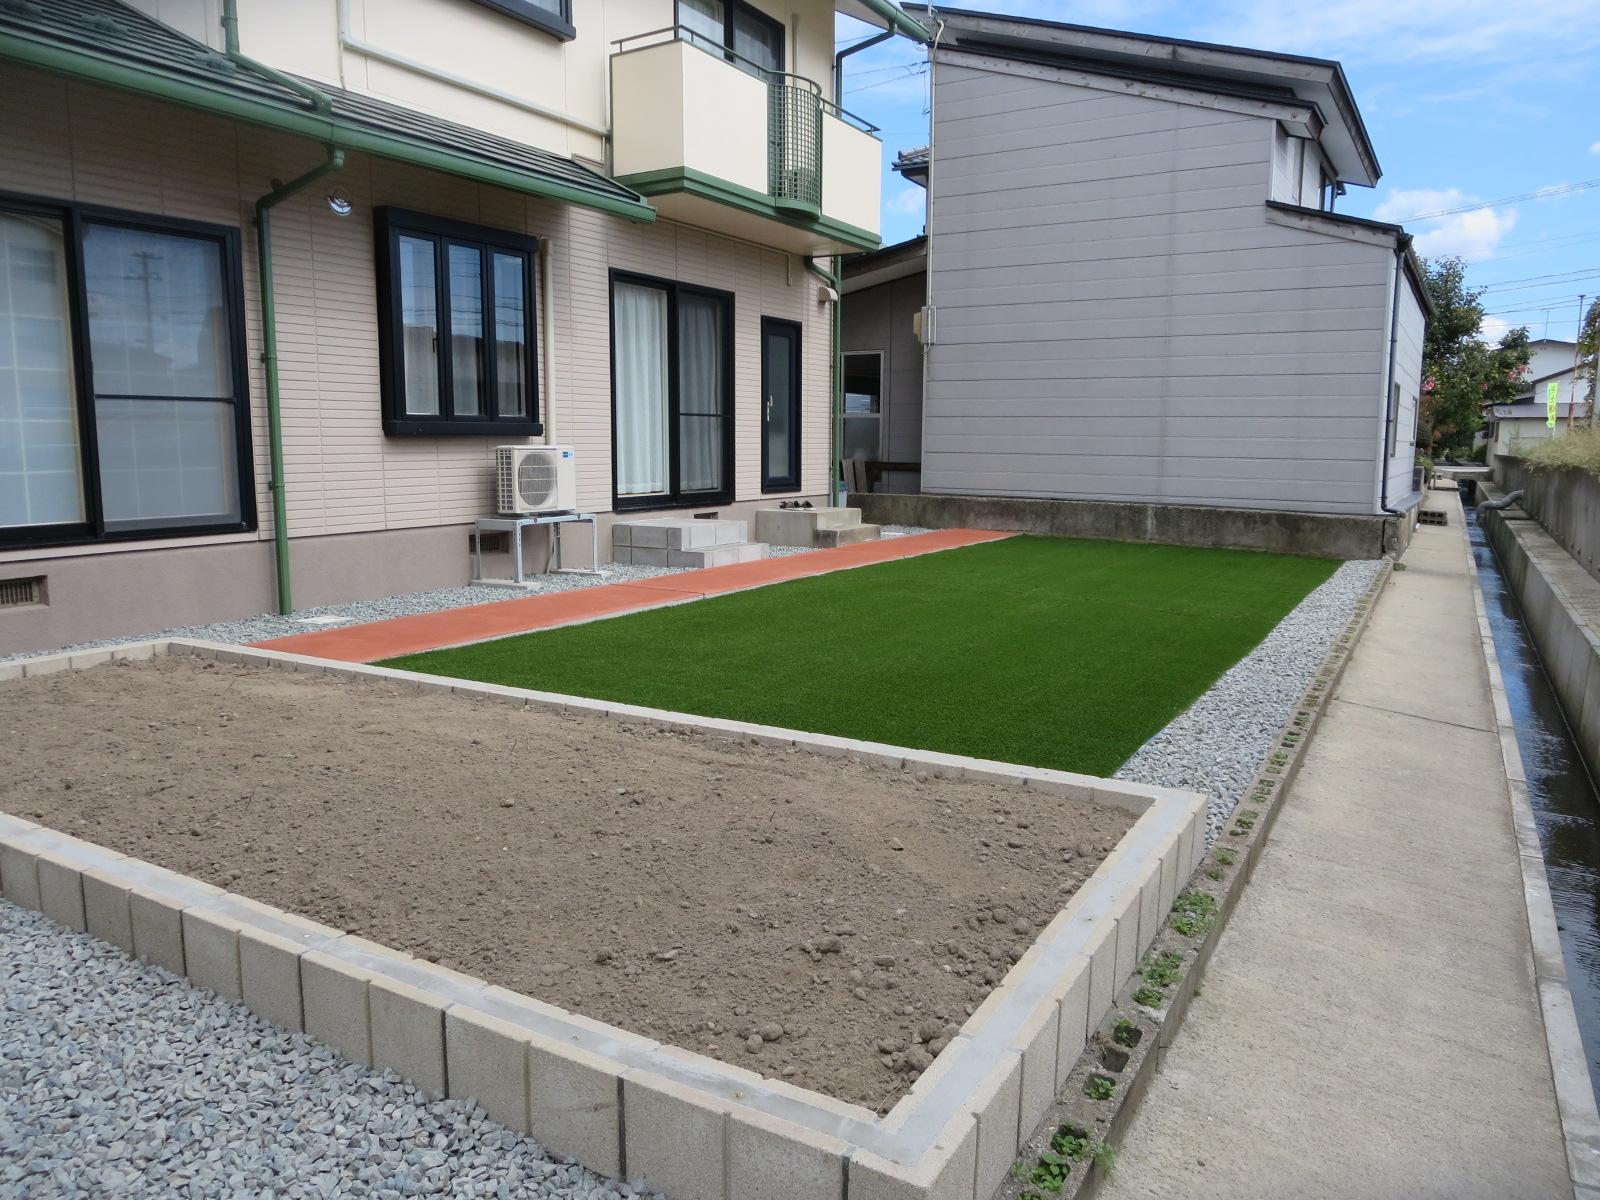 秋田市S様邸 外構工事 人工芝・花壇設置・階段追加・砕石敷き